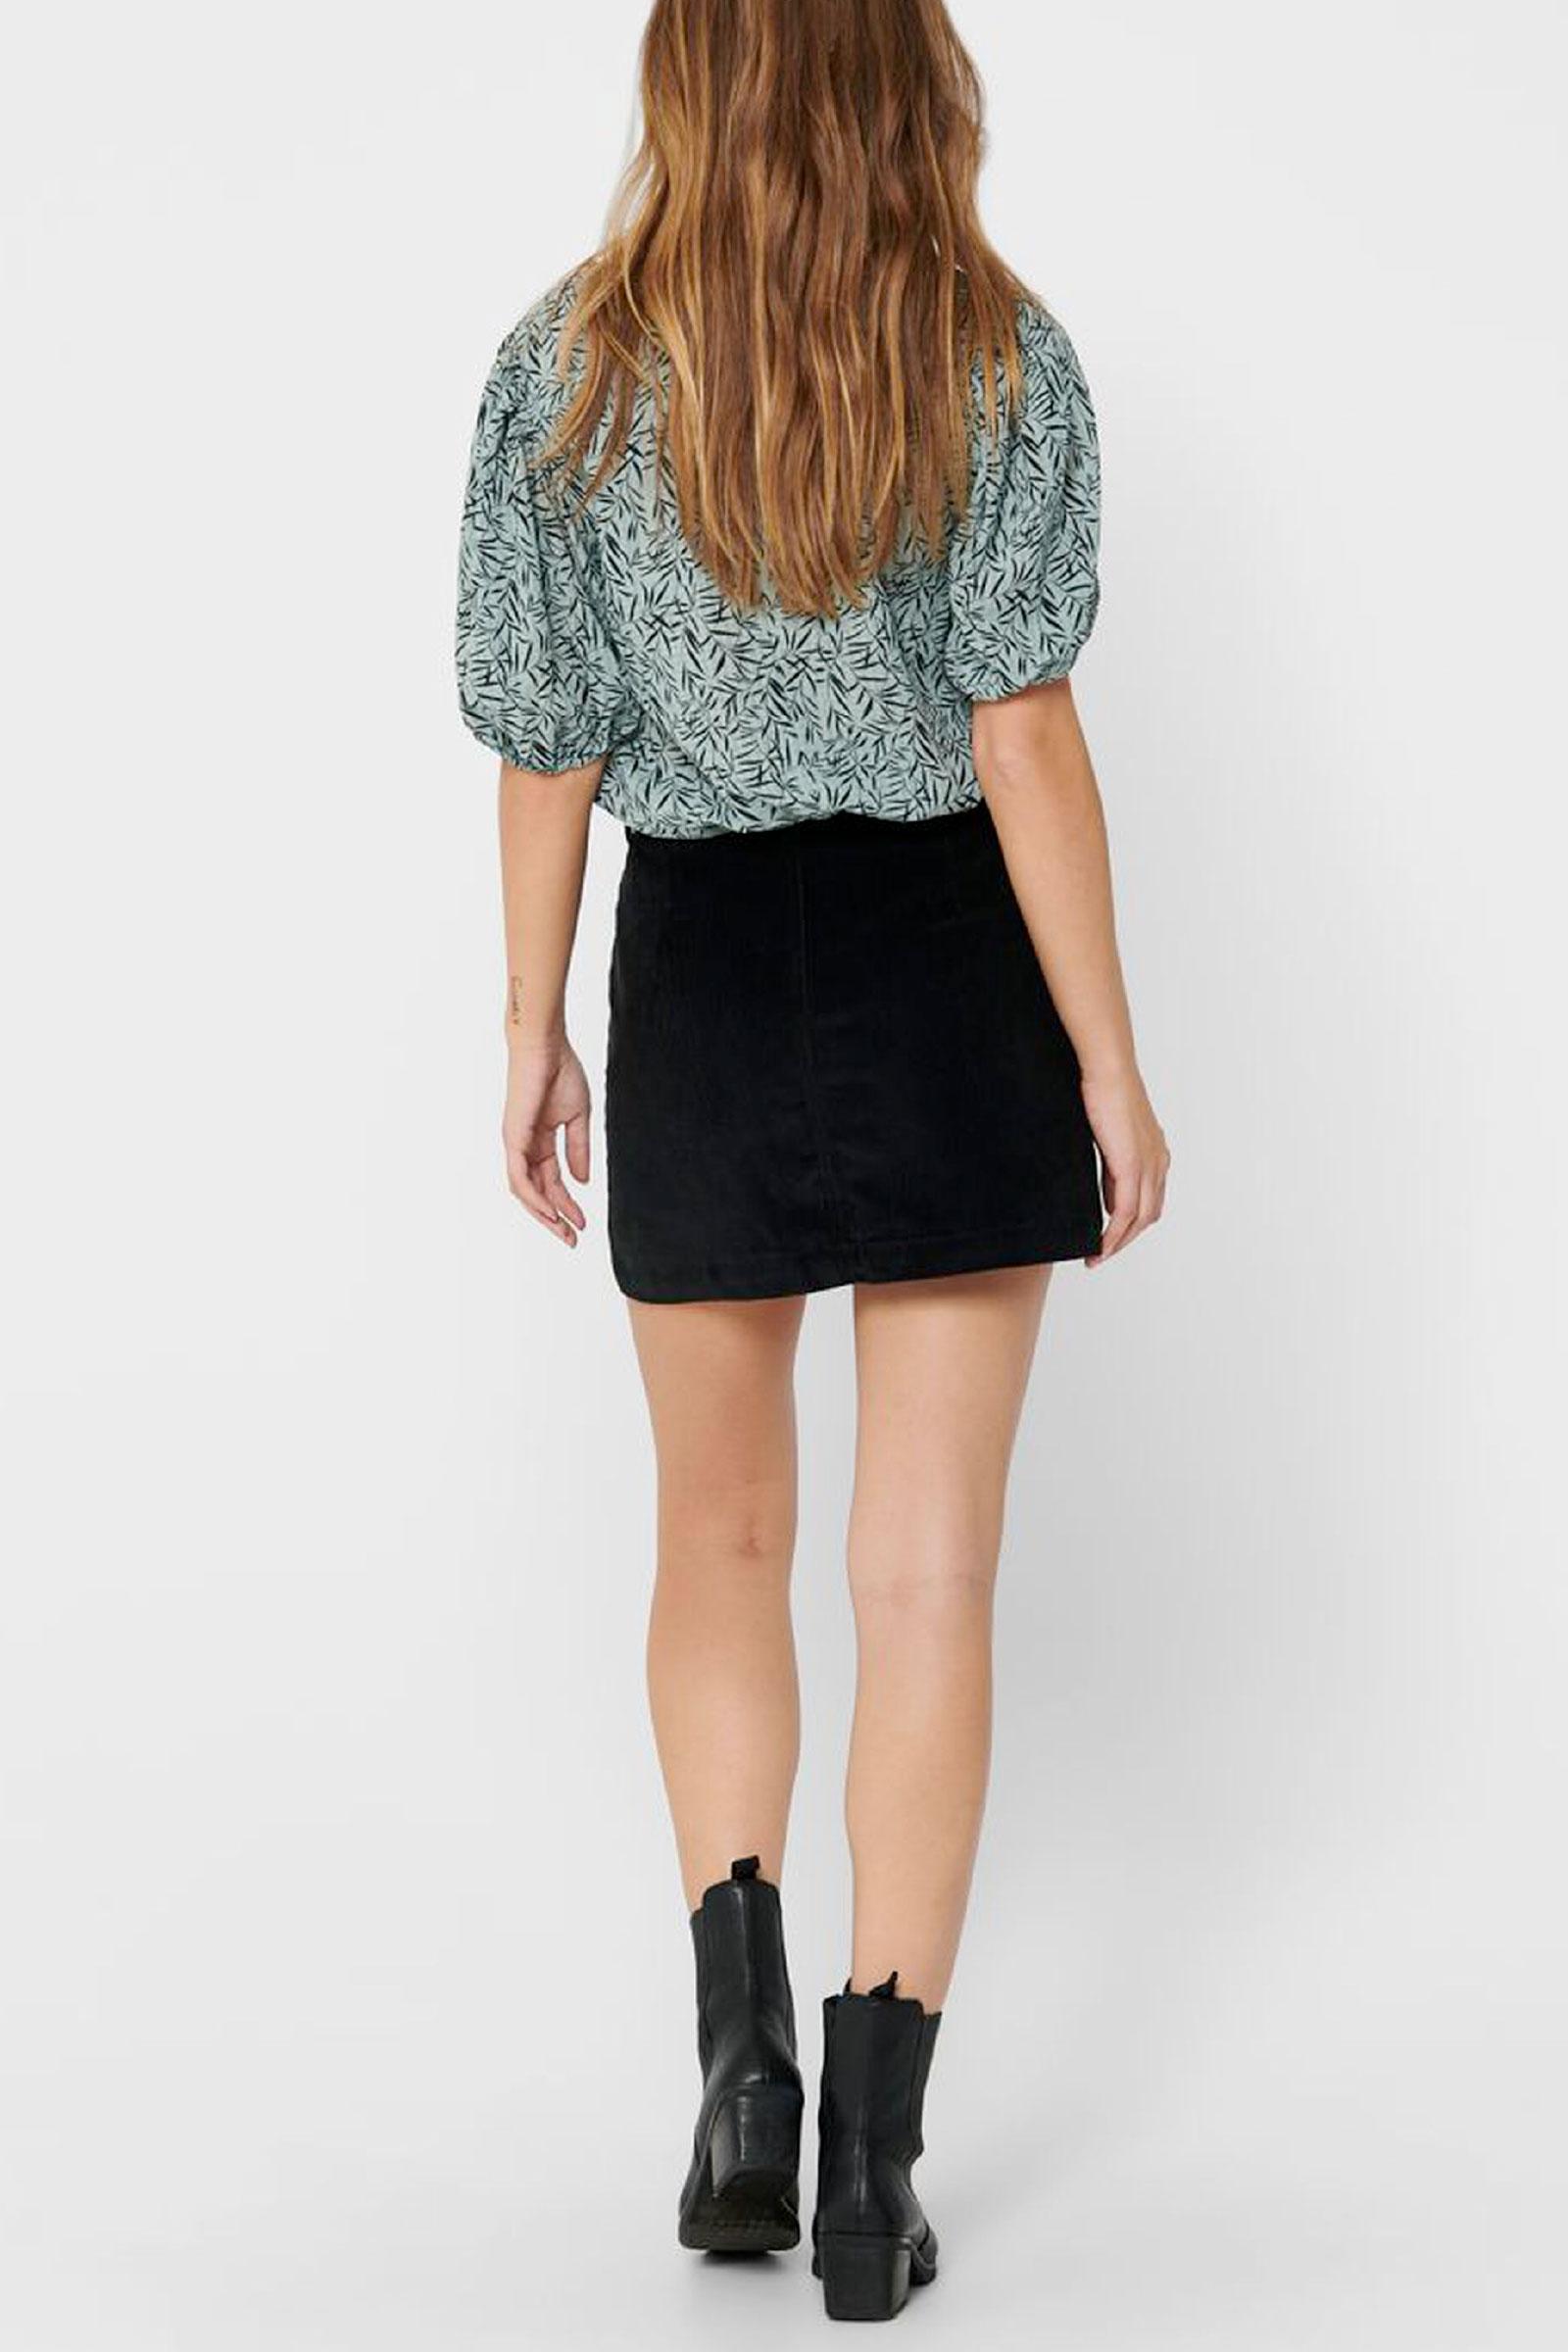 ONLY   Skirt   15182080Black